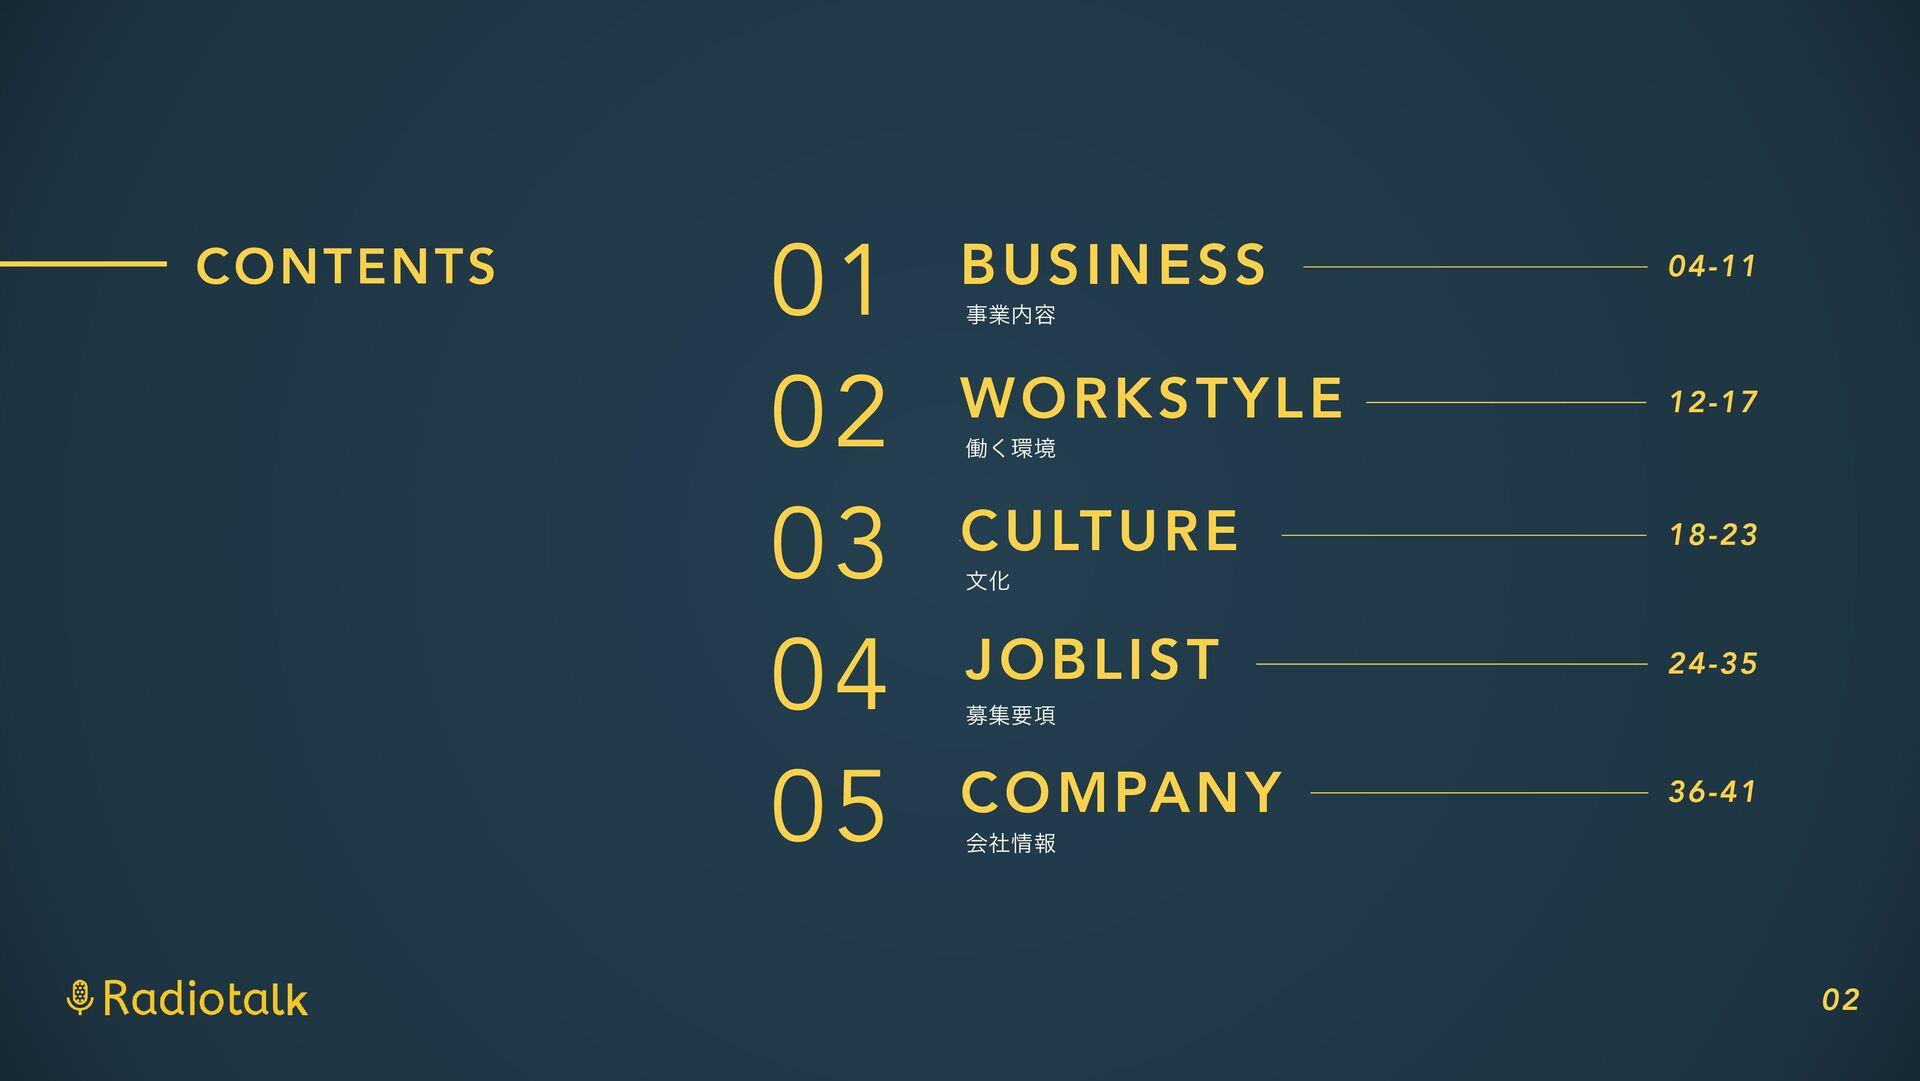 CONTENTS 01 ۀ༰ BUSINESS 02 WORKSTYLE ಇ͘ڥ 03 ...